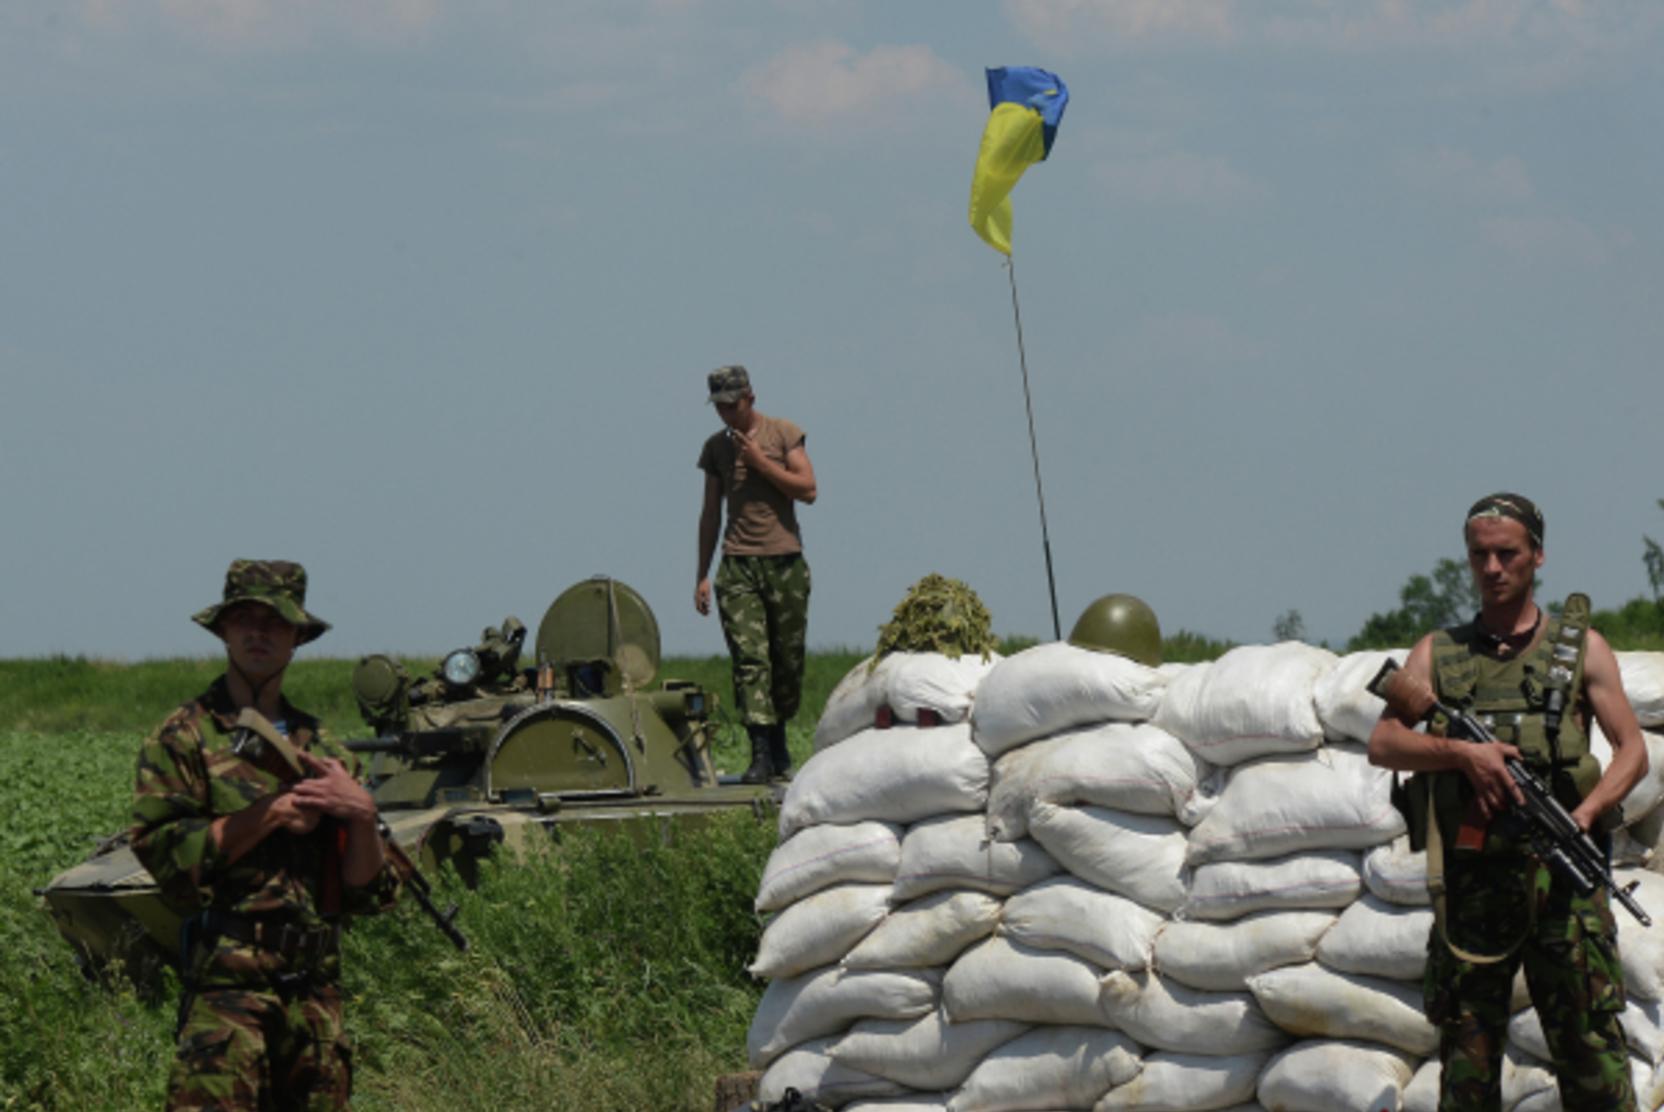 Пьянство и грабежи. В ЛНР объяснили решение ВСУ закрыть Донбасс от чиновников